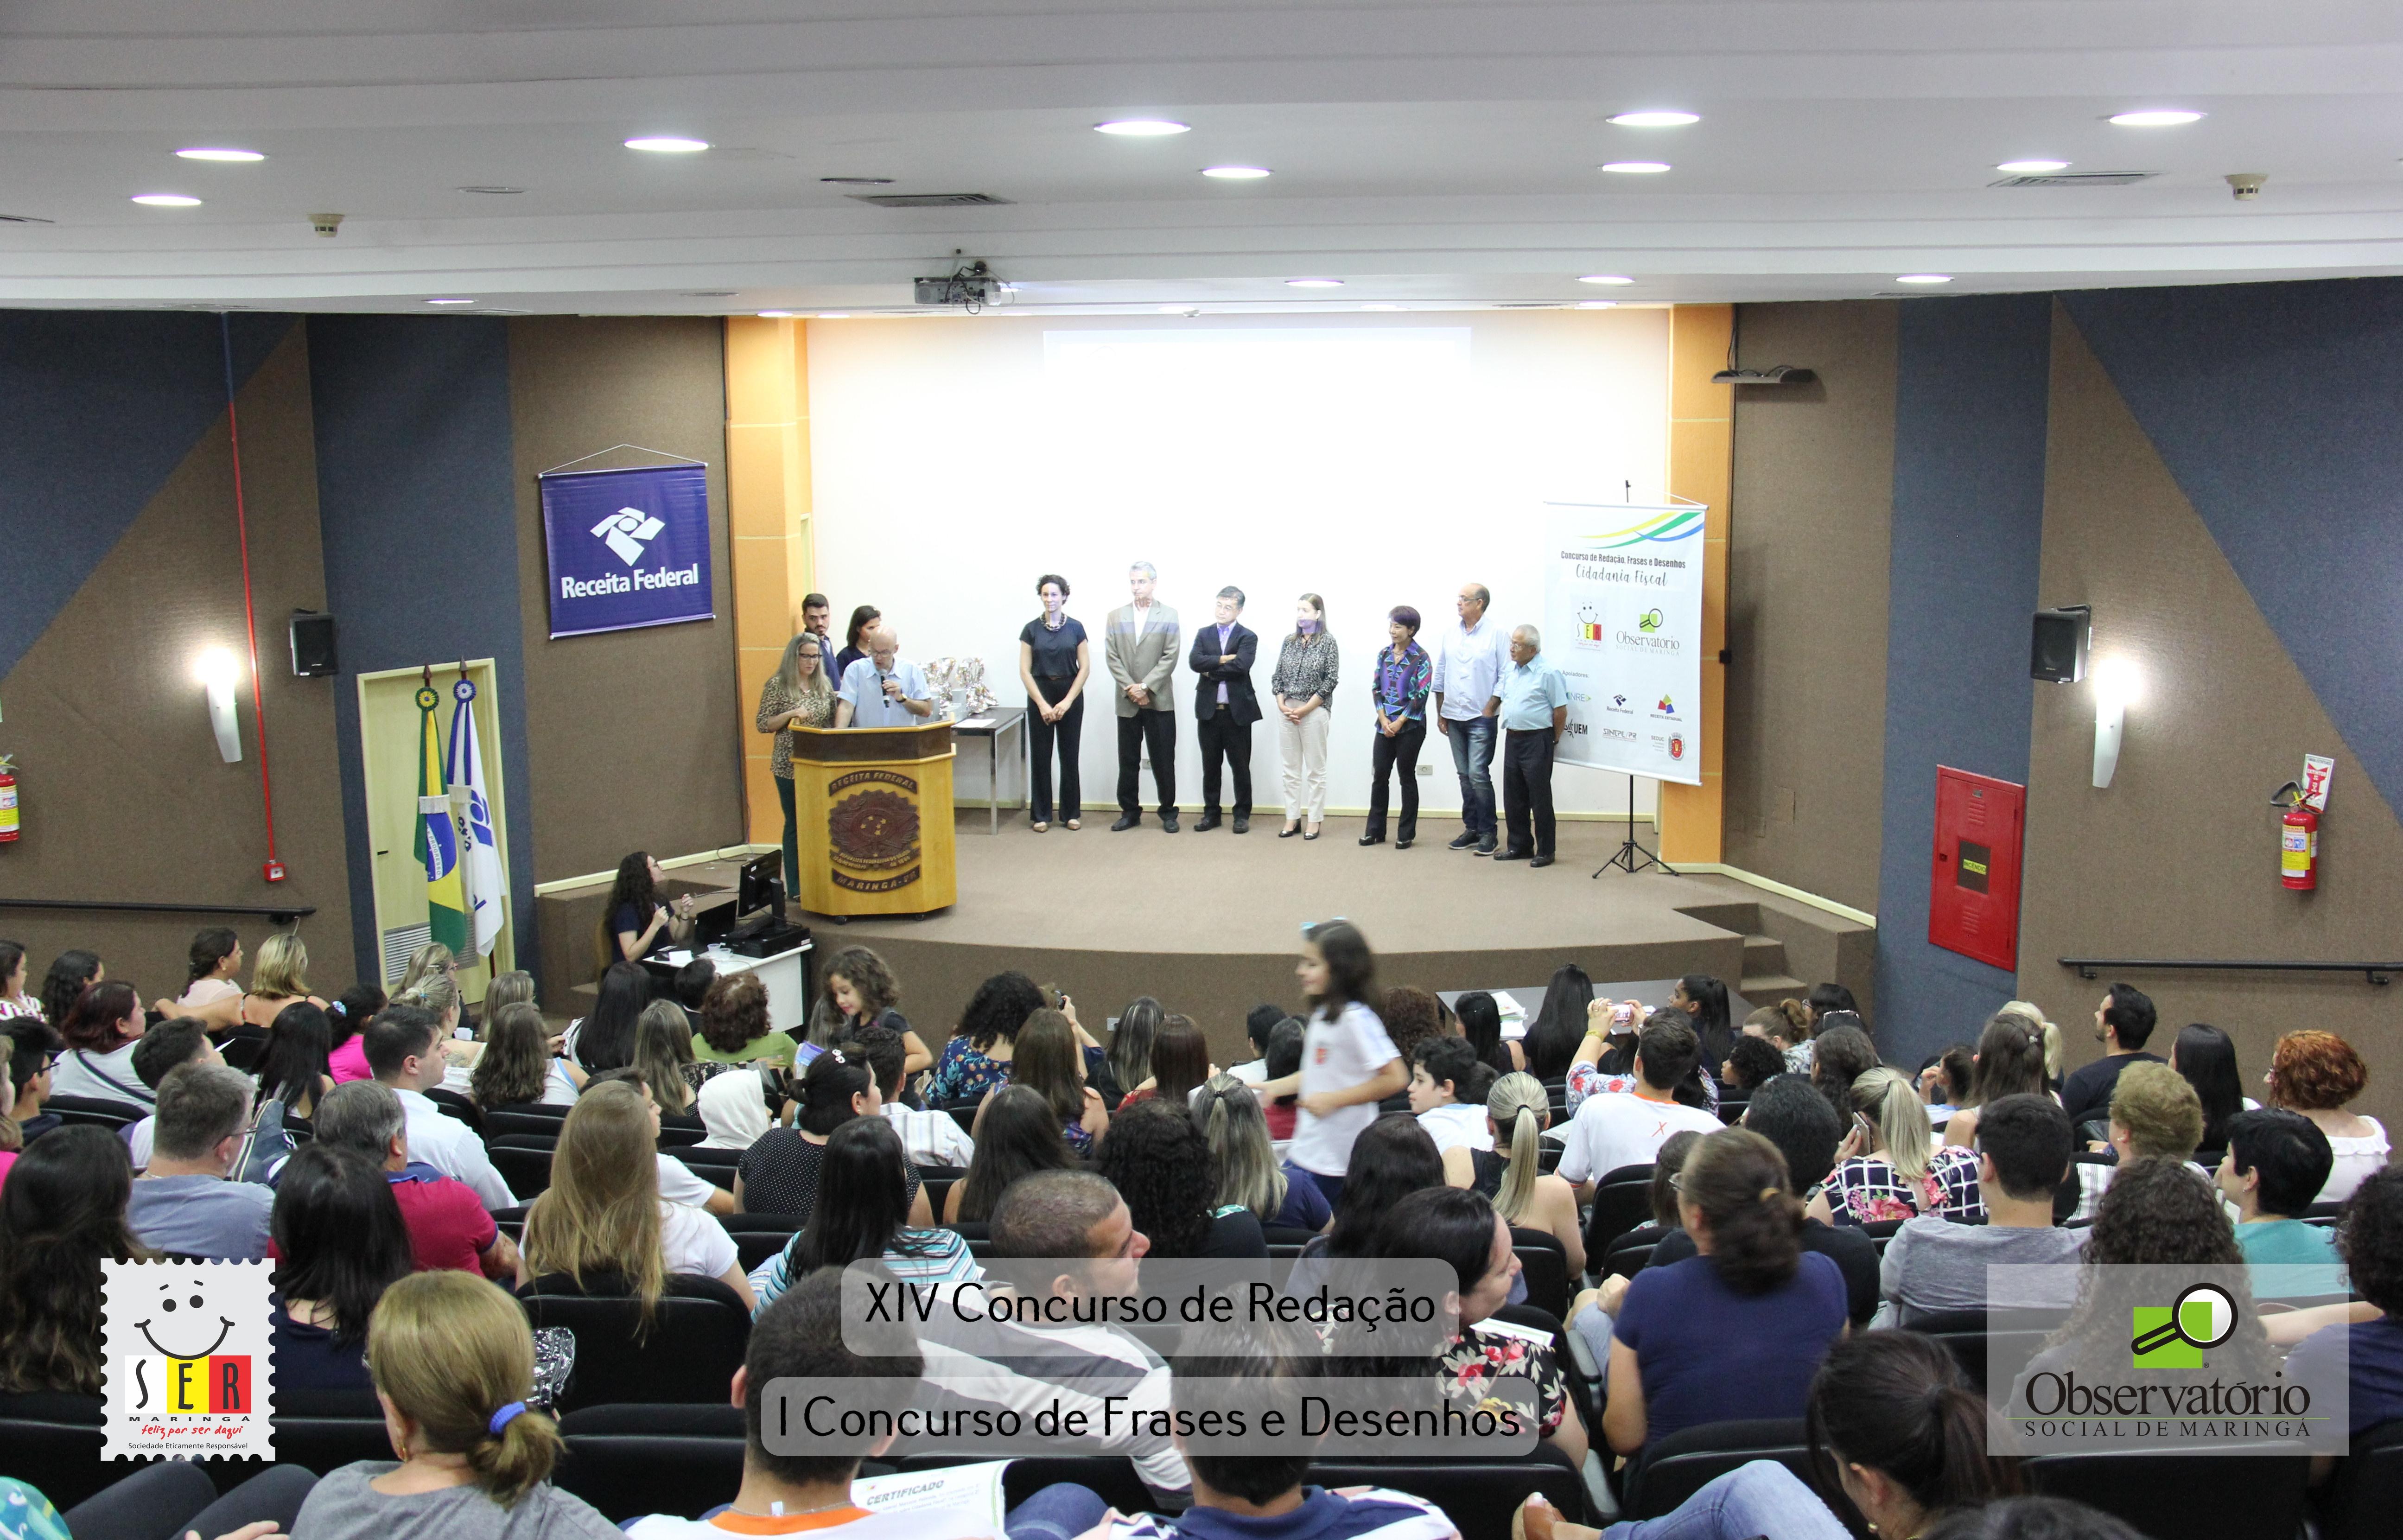 Premiação Do Xiv Concurso De Redação E I Concurso De Frases E